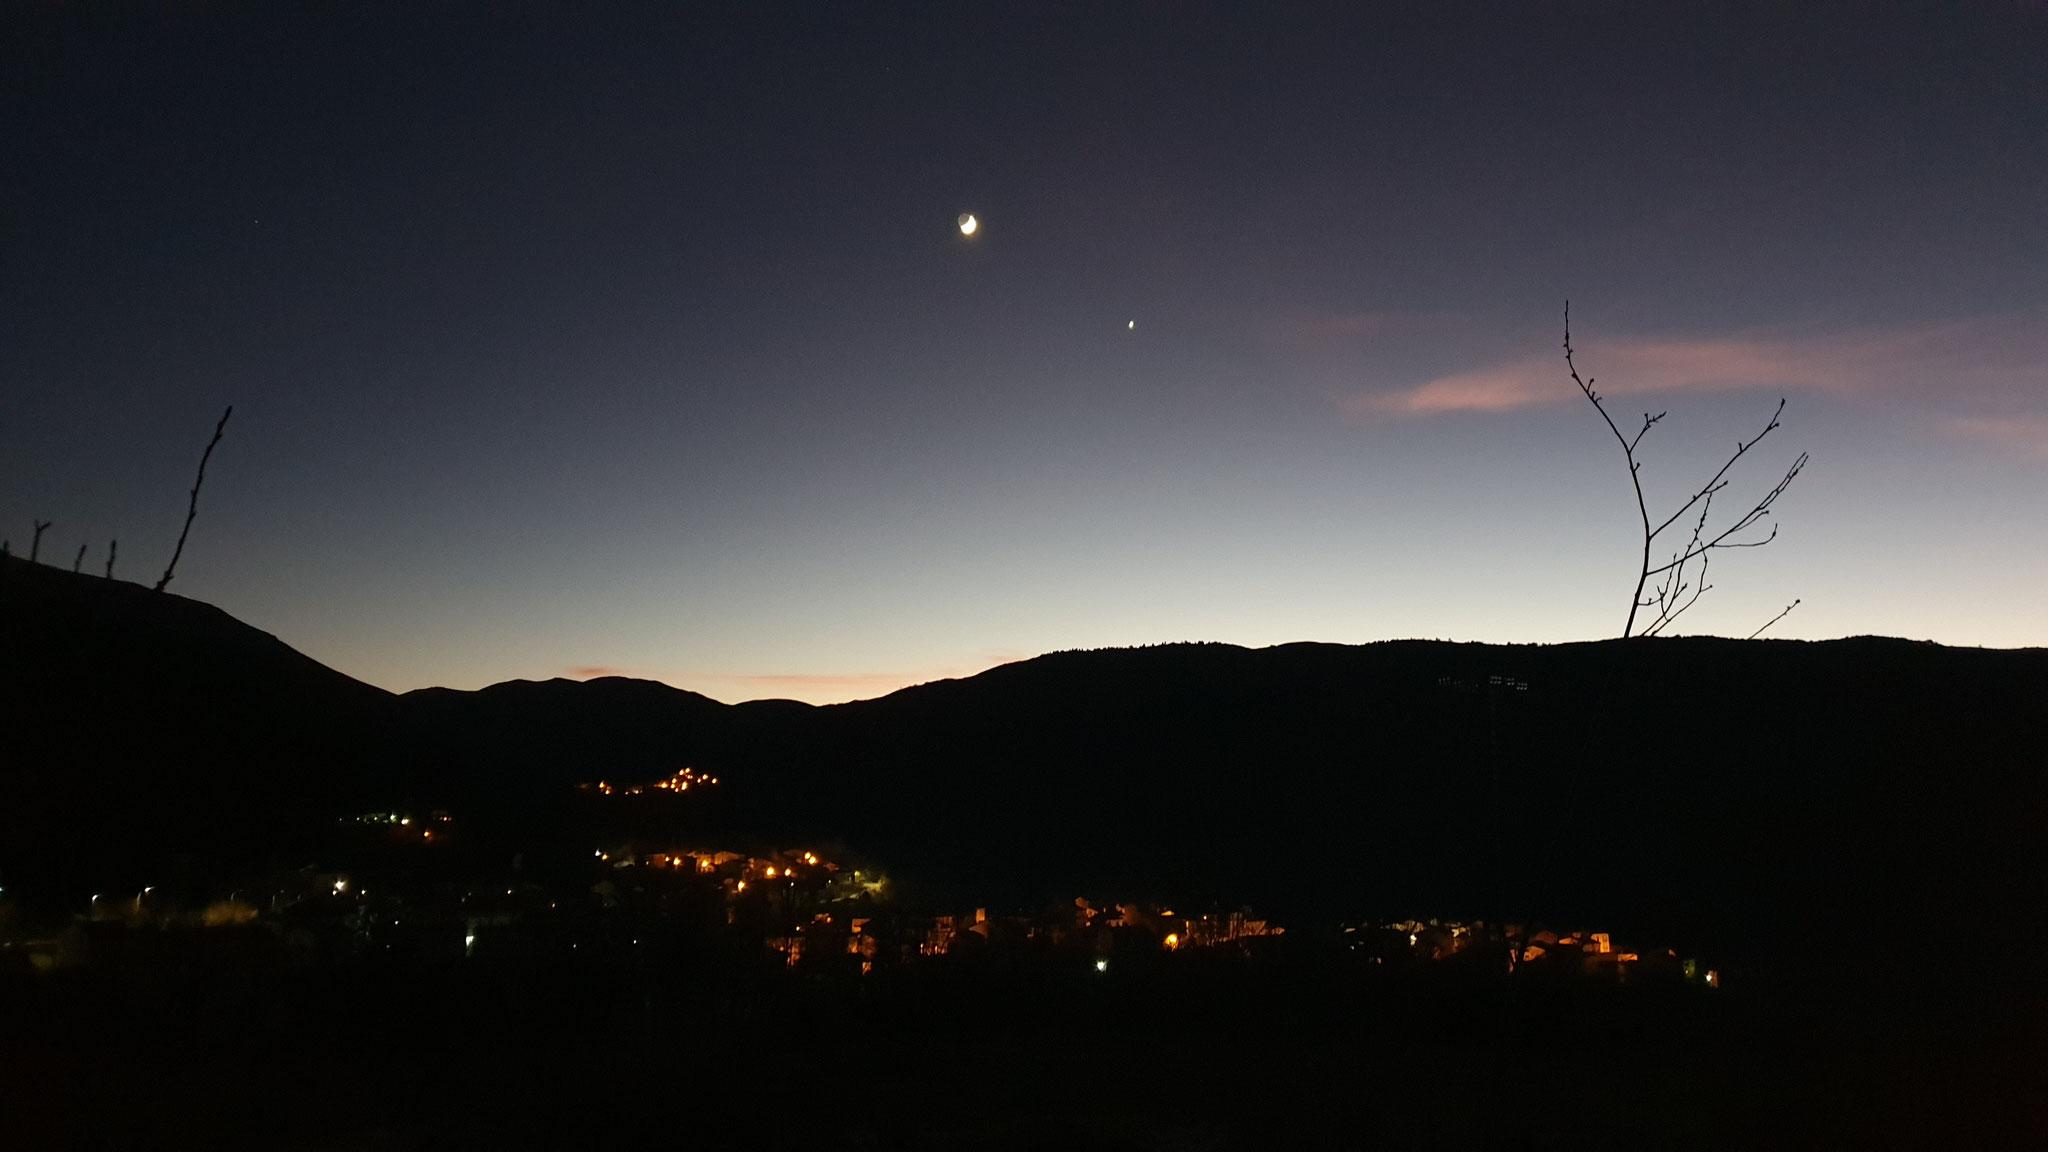 Der Mond, die Landschaft - ein Traum!